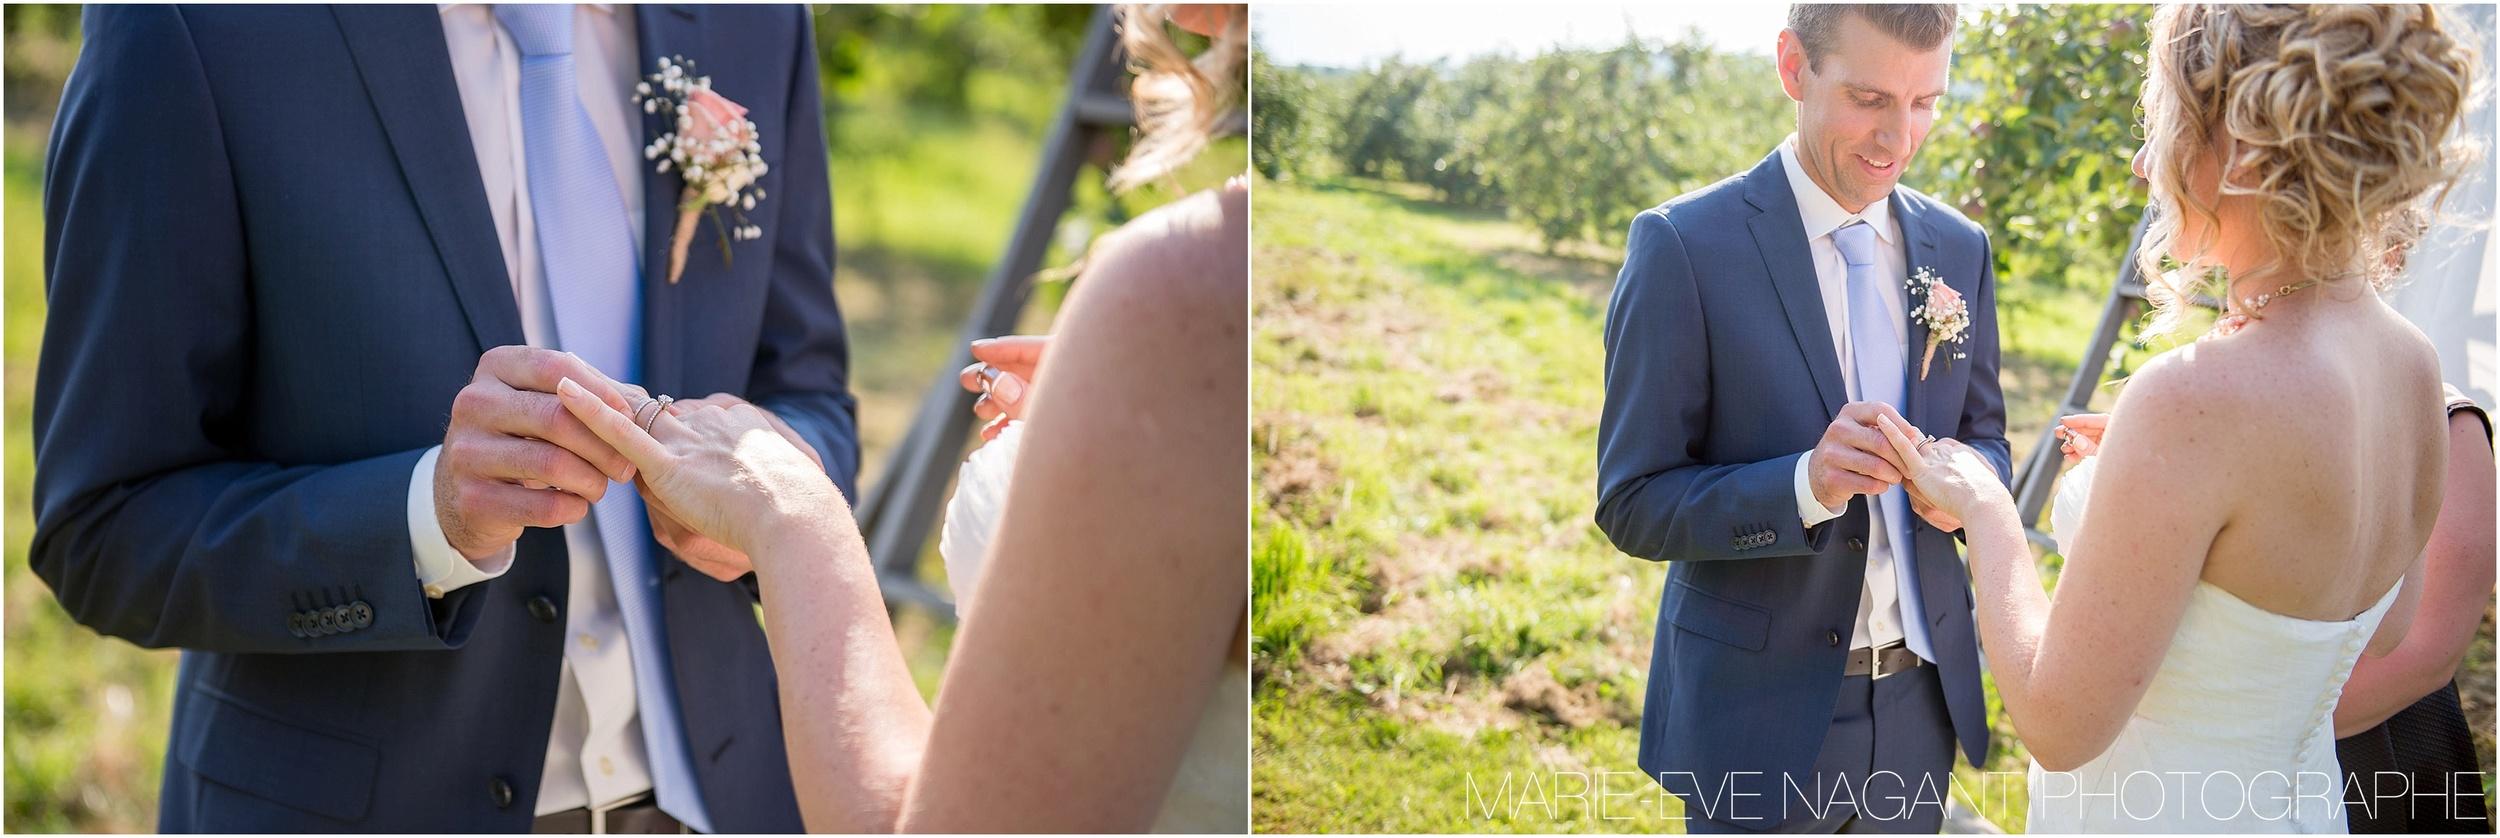 Mariage-Jude-pomme-photo-marie-eve-nagant-photographe_0600.jpg